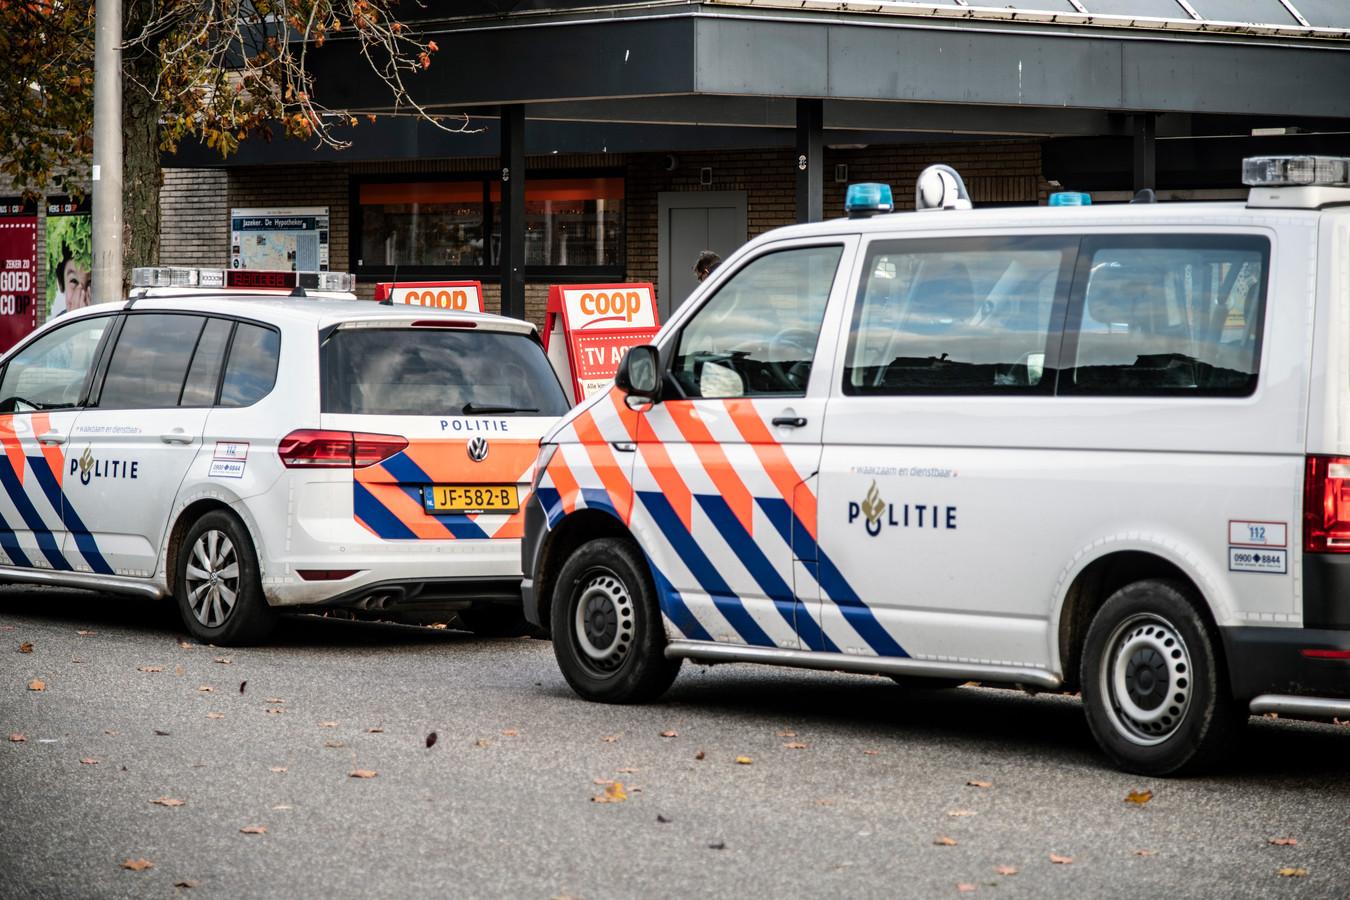 Politie na de gewapende overval in november.